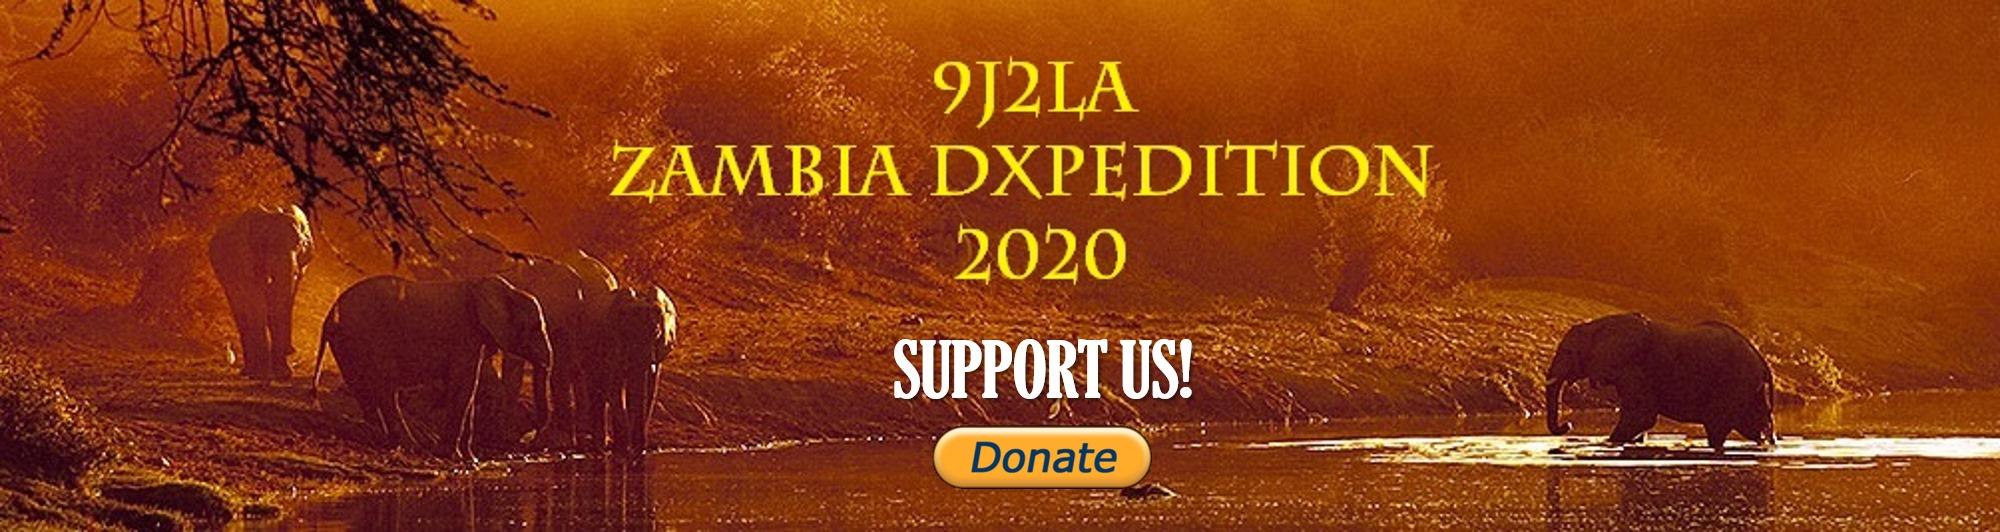 9J2LA Zambia saranno attivi in FT8